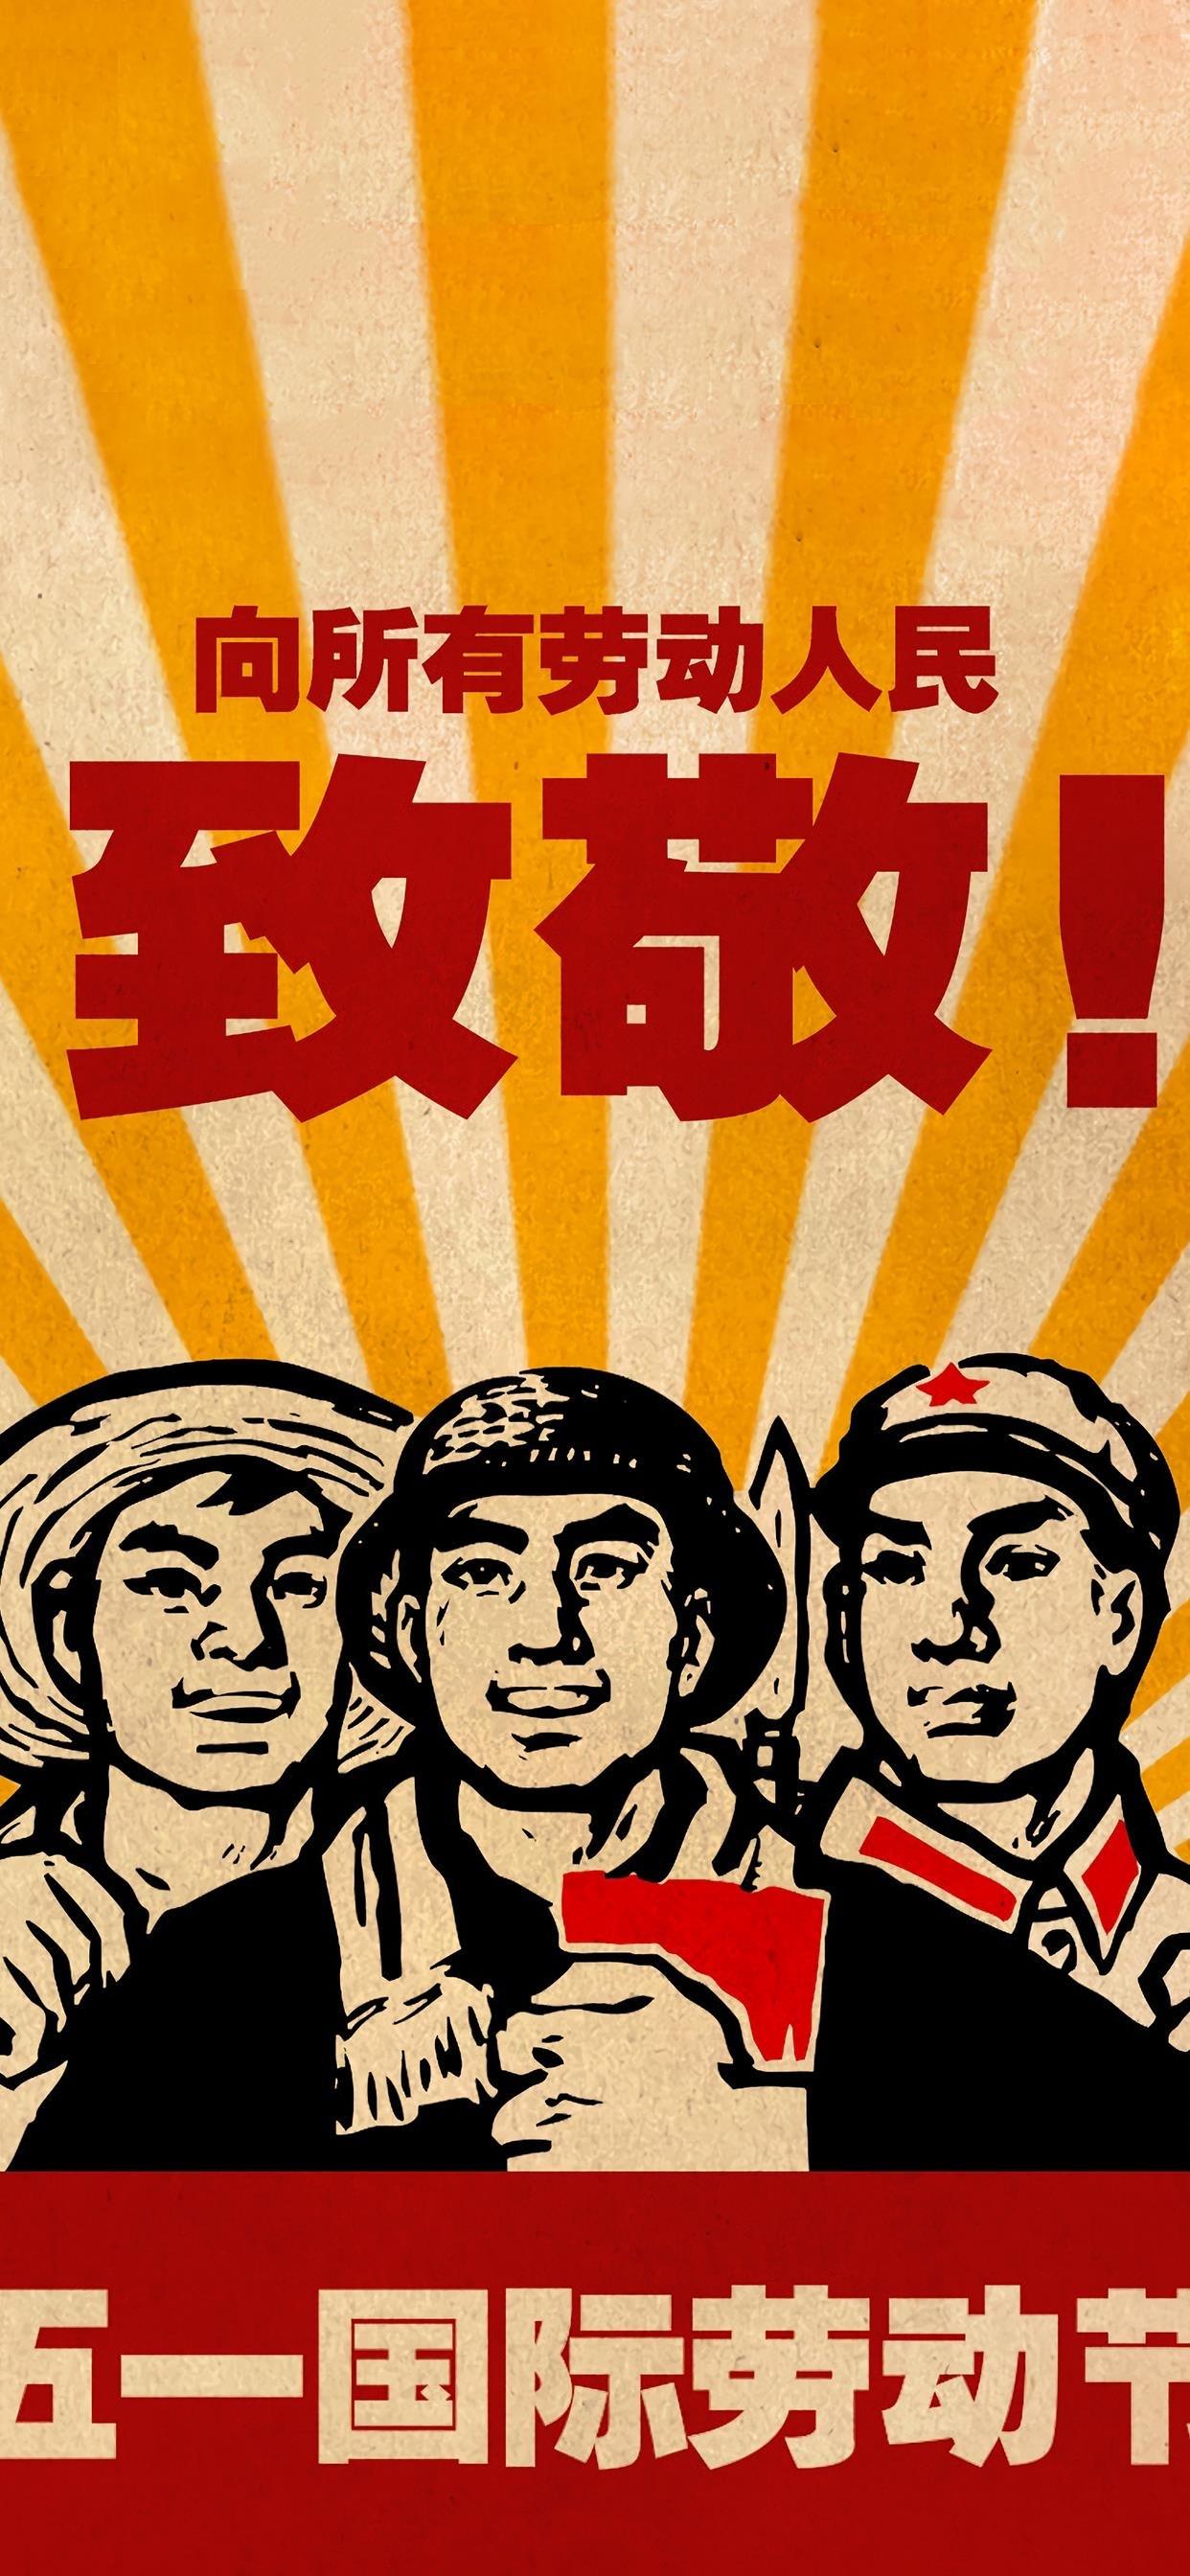 五一劳动节快乐手机壁纸